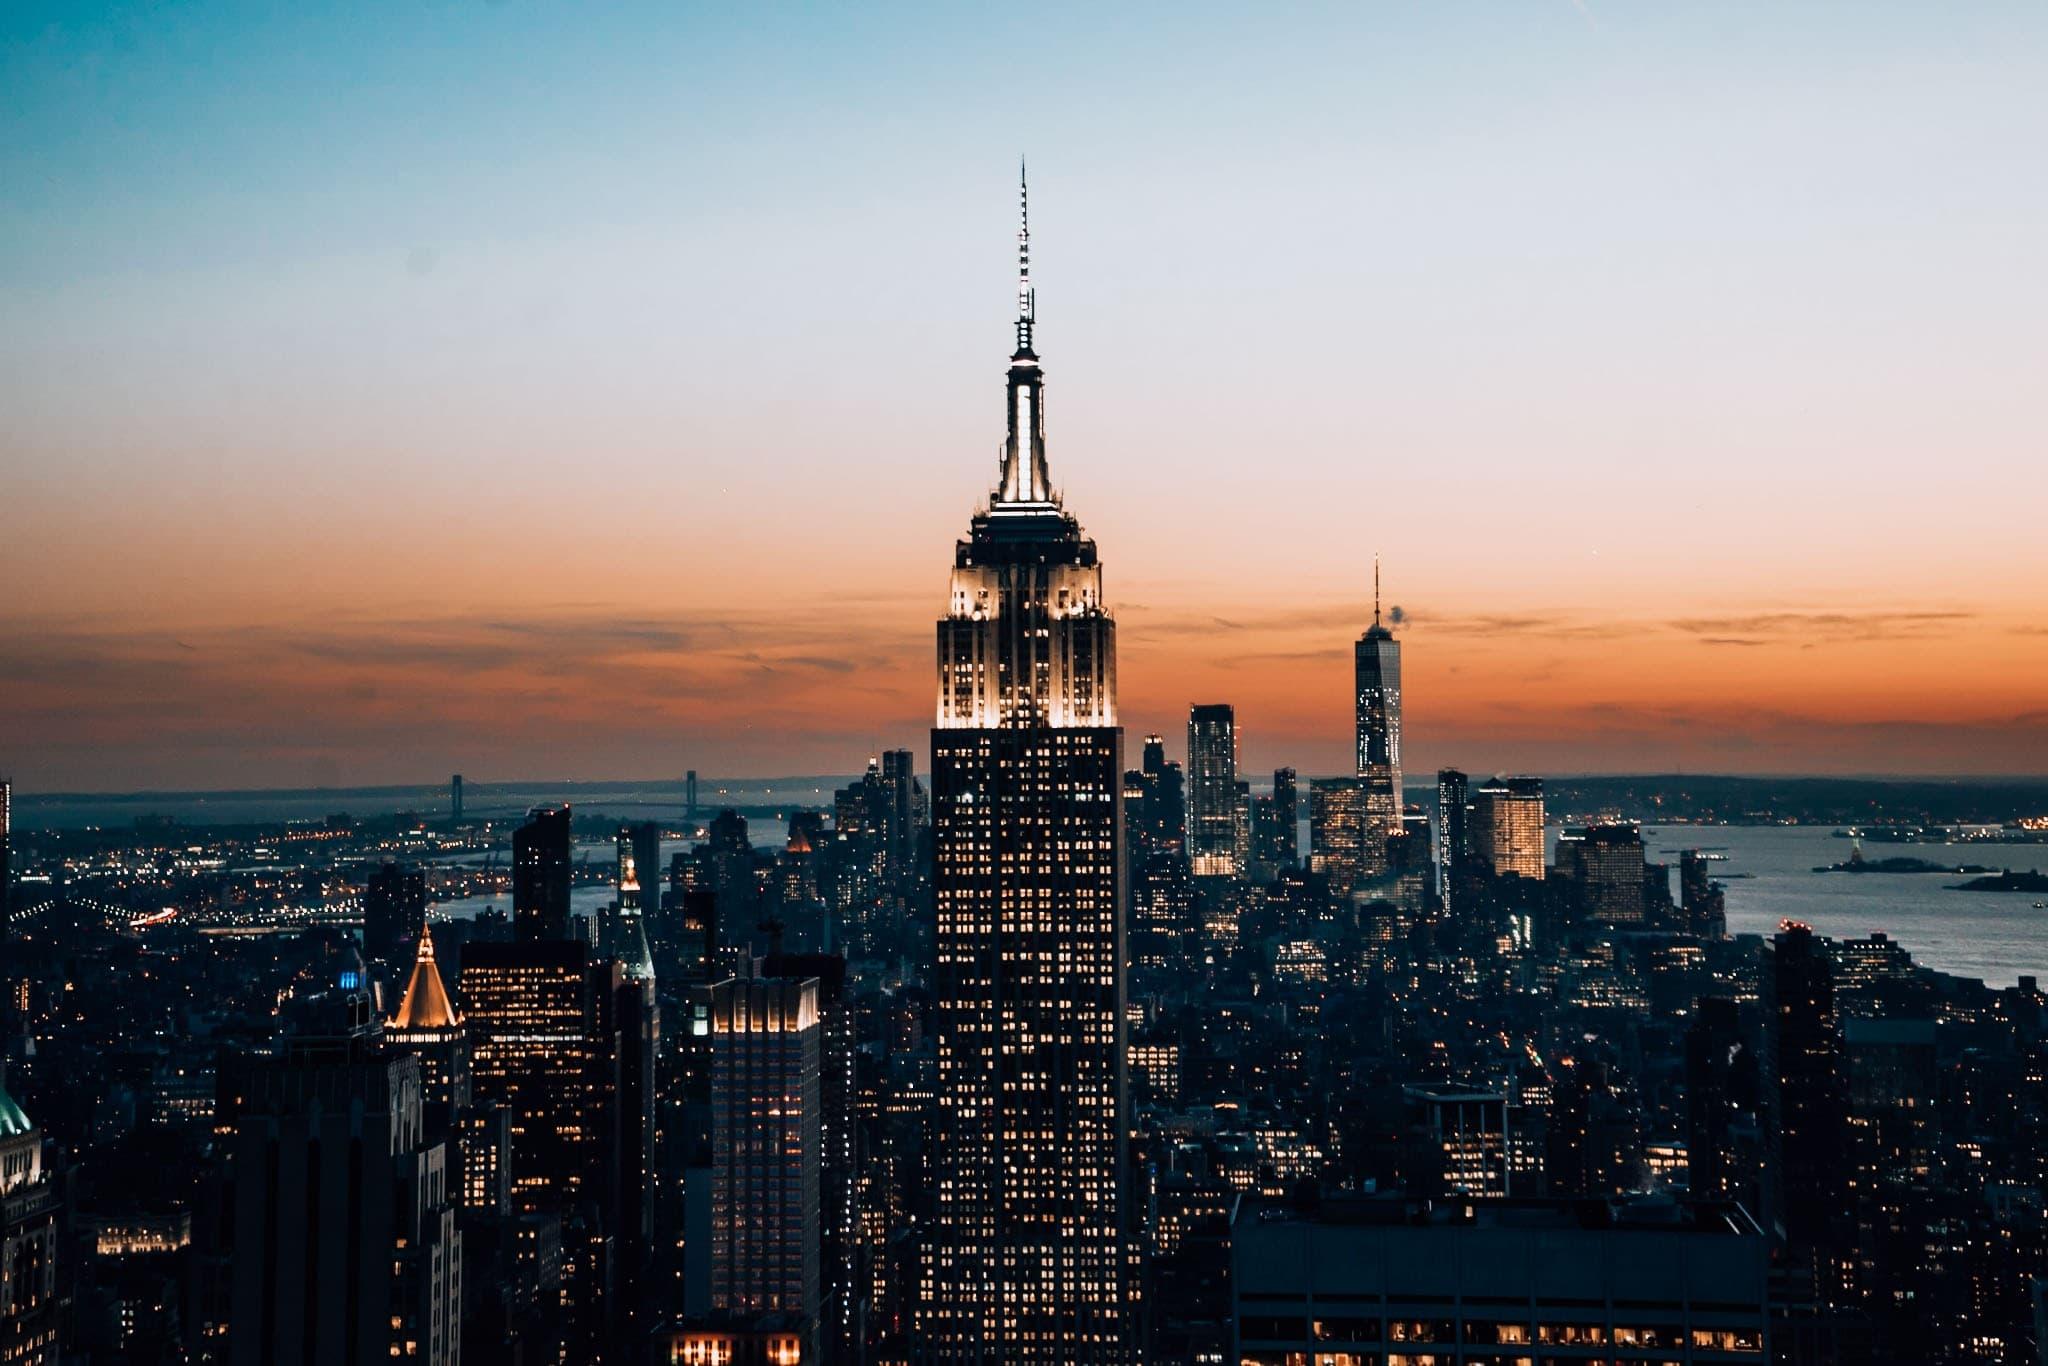 Empire State Building bei Nacht vor orangenem Sonnenuntergang